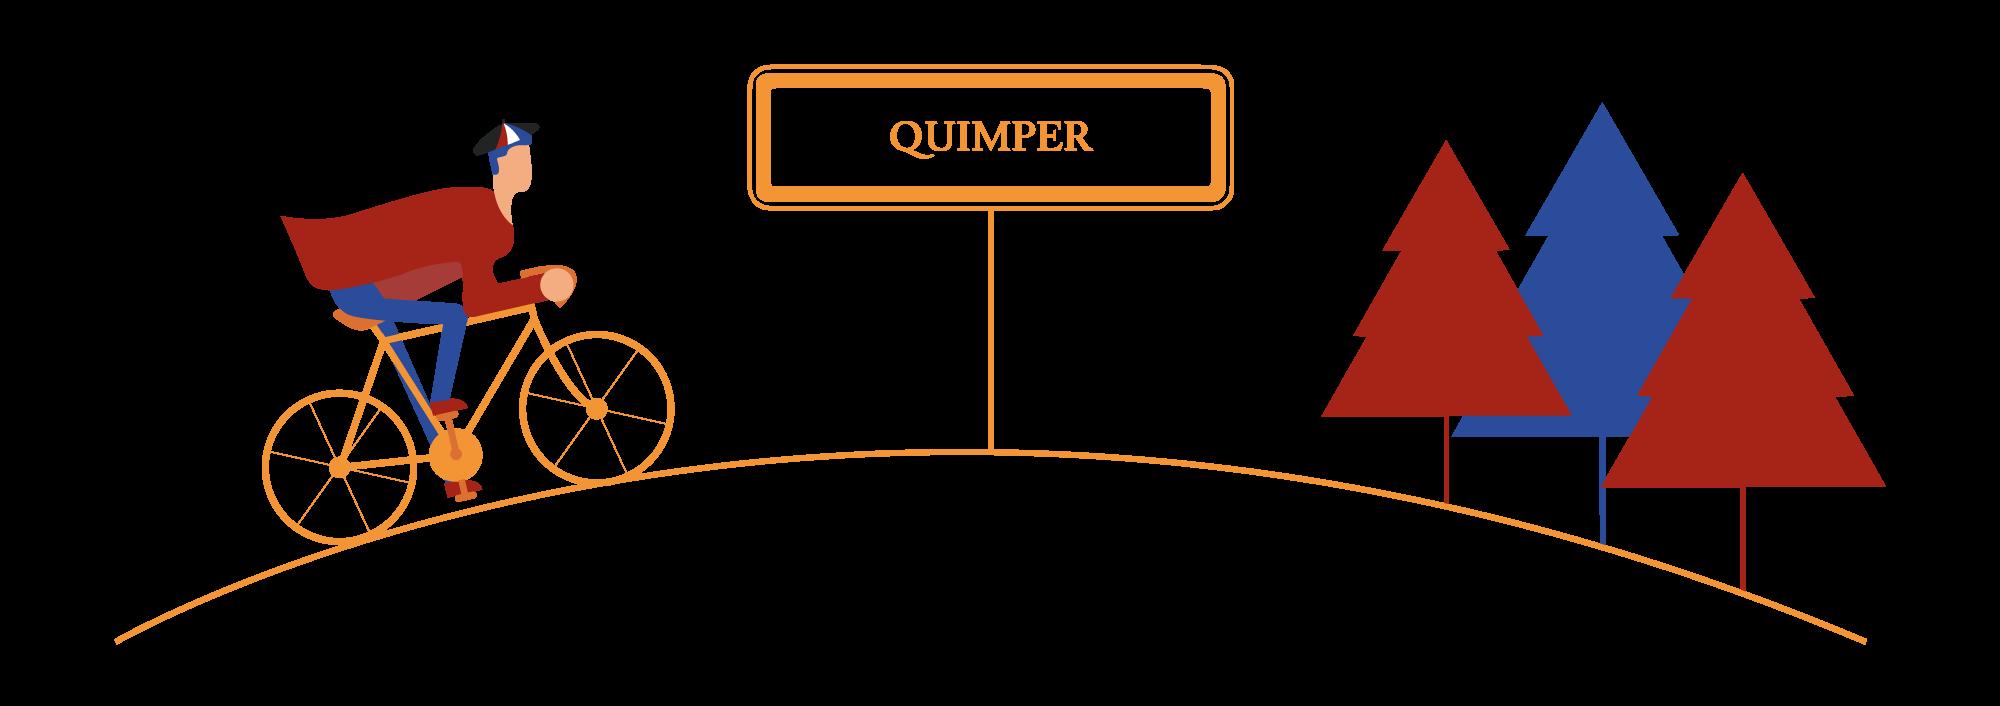 Spécialités de Quimper